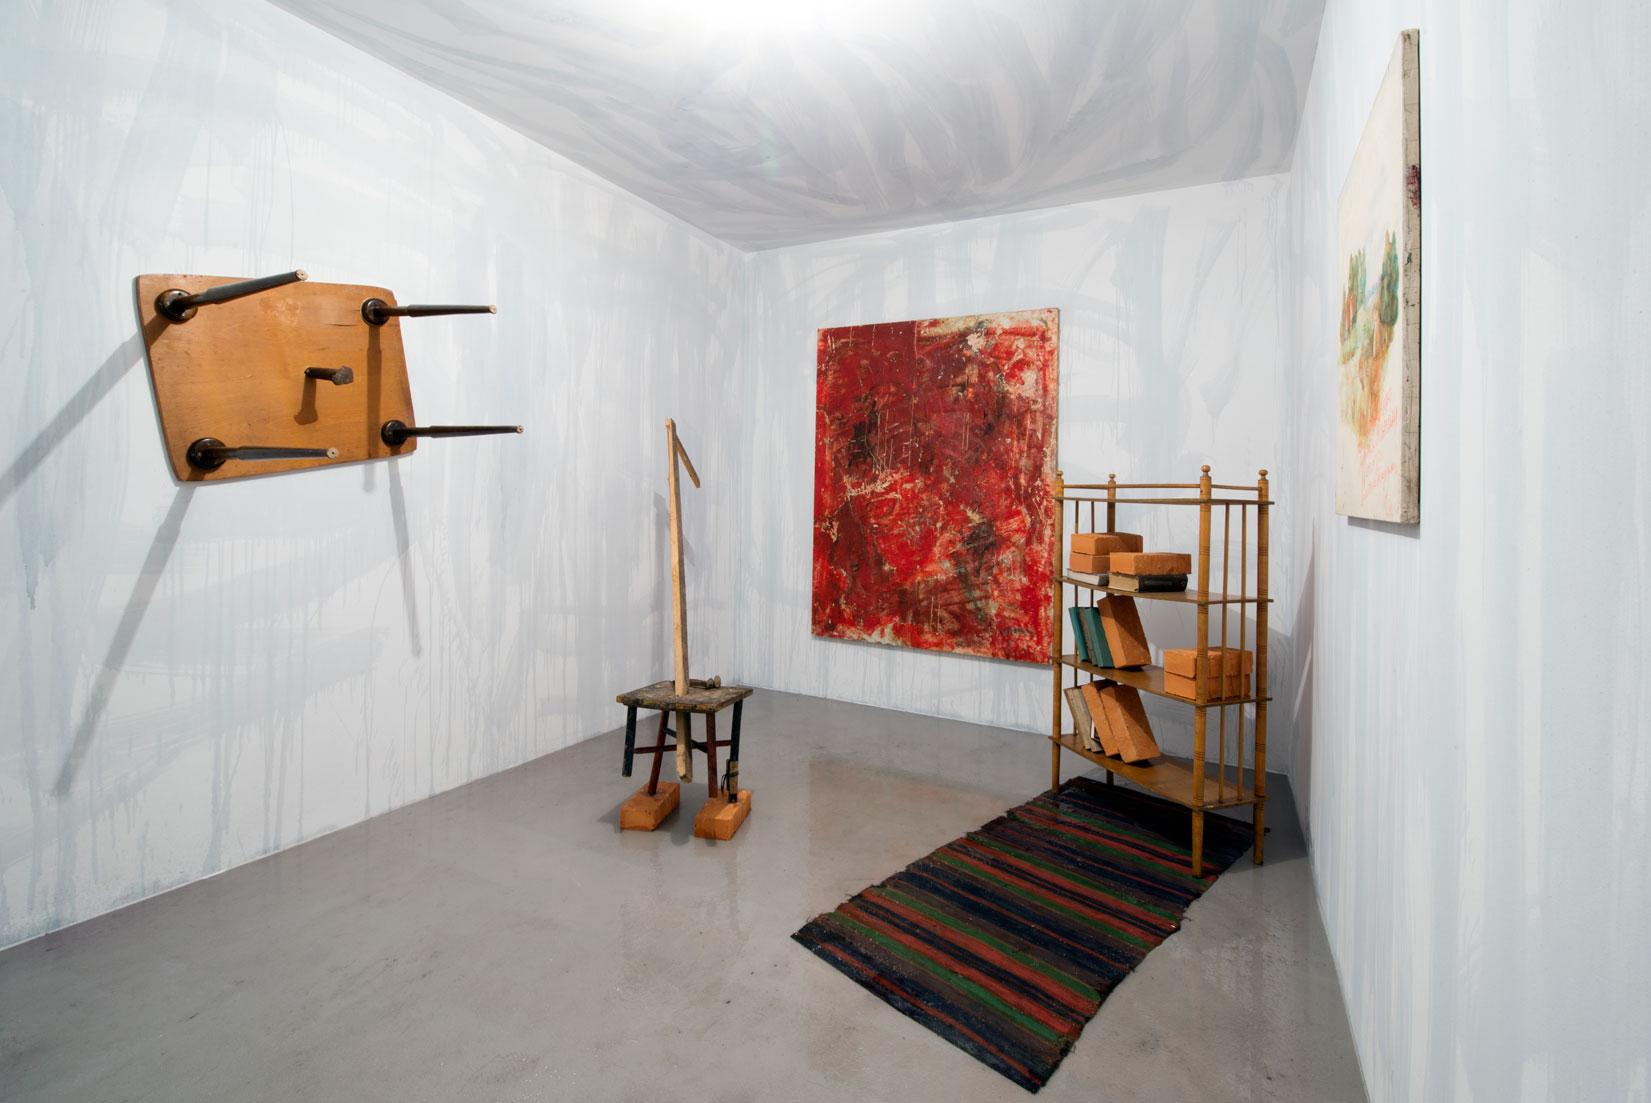 Andrij Sahajdowski, Pokój, instalacja multimedialna, 2015